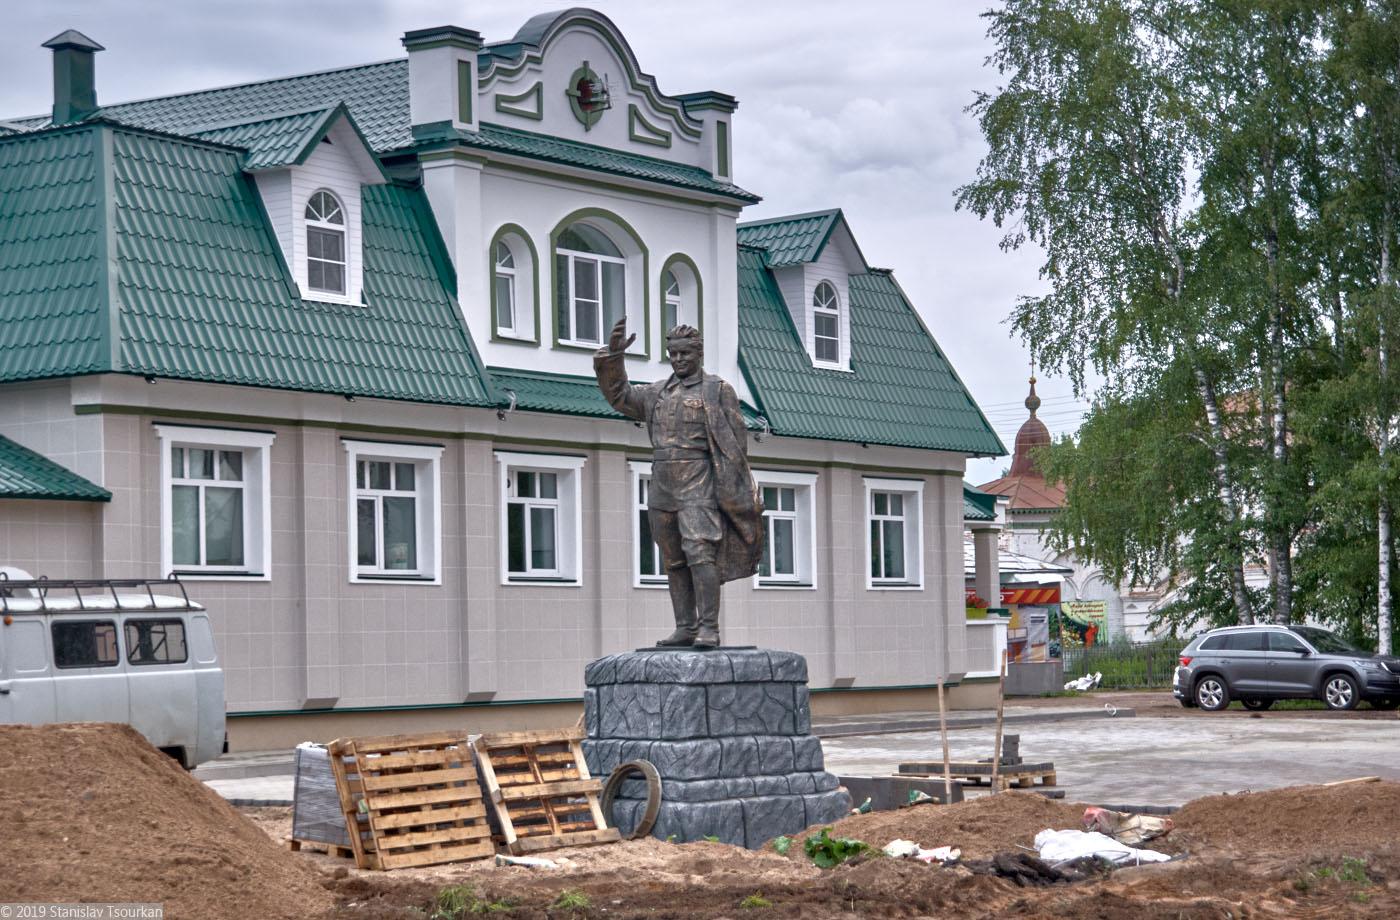 Вологодская область, Вологодчина, Великий устюг, Русский север, Киров